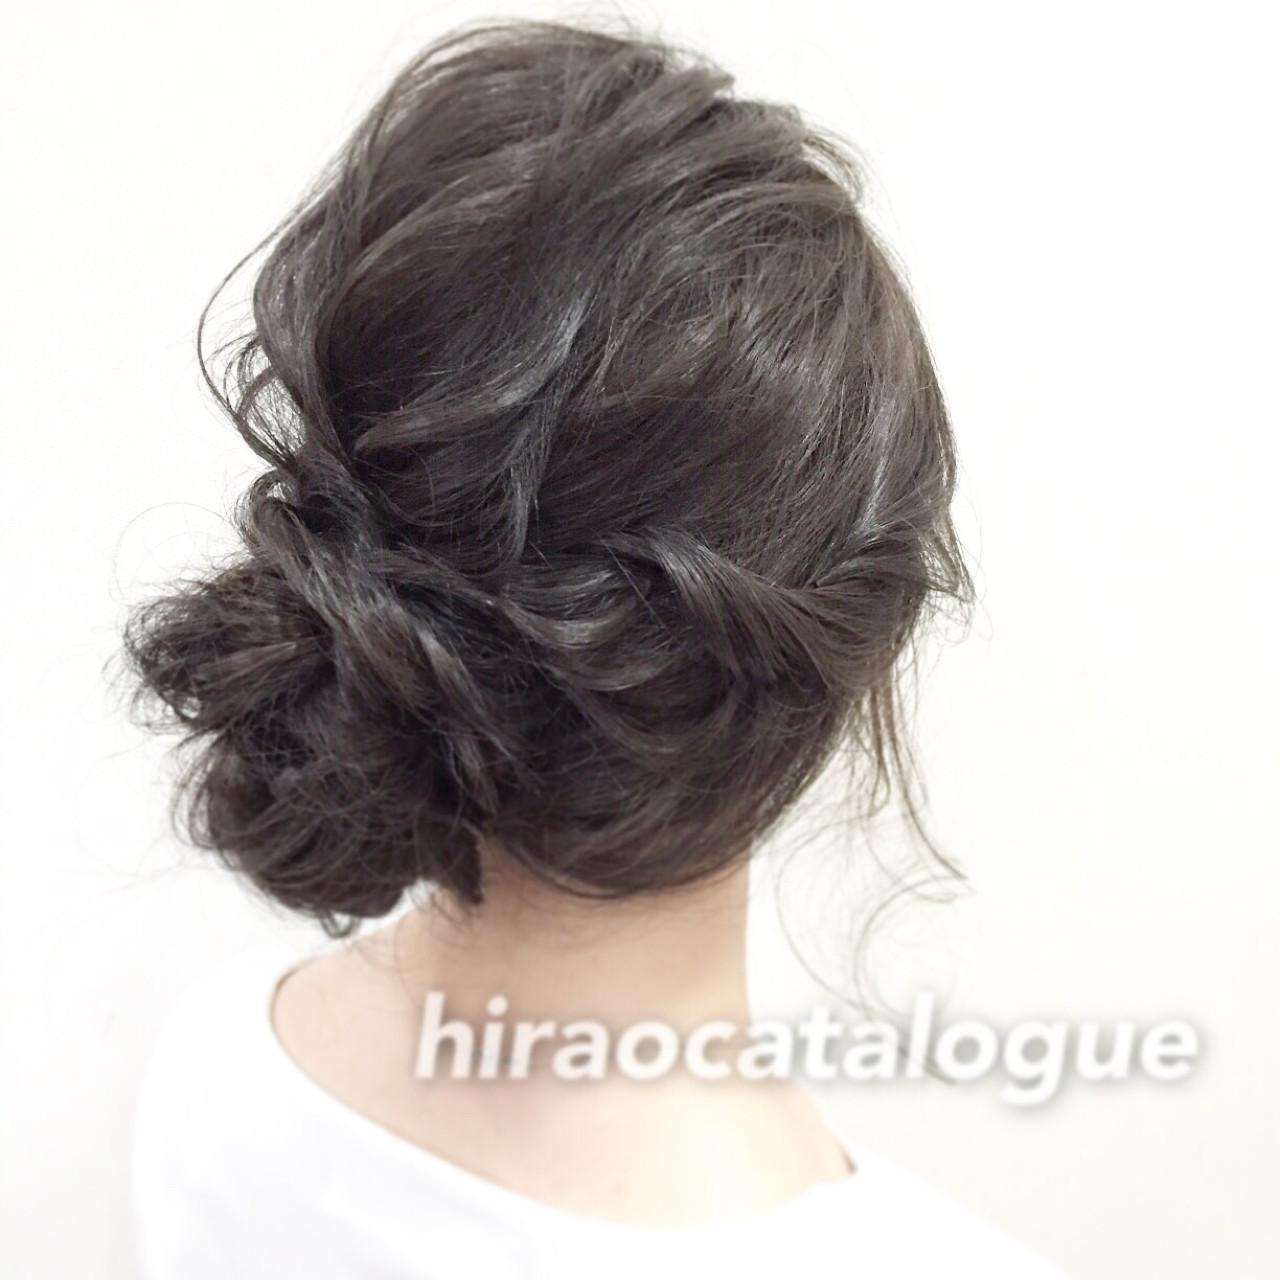 アッシュ ロング 大人かわいい シニヨン ヘアスタイルや髪型の写真・画像